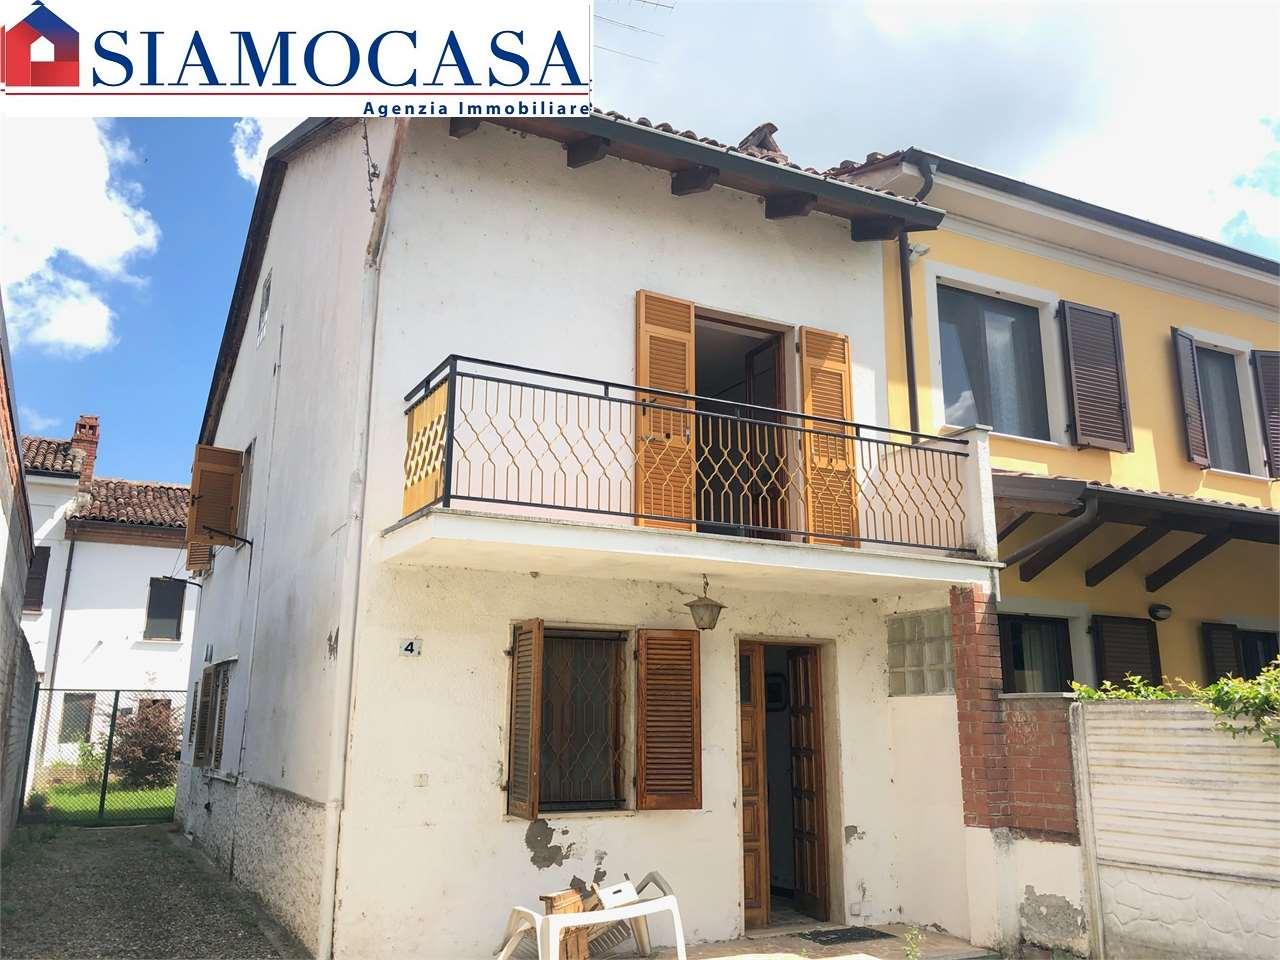 Soluzione Indipendente in vendita a Castelletto Monferrato, 3 locali, zona dinetto, prezzo € 43.000 | PortaleAgenzieImmobiliari.it